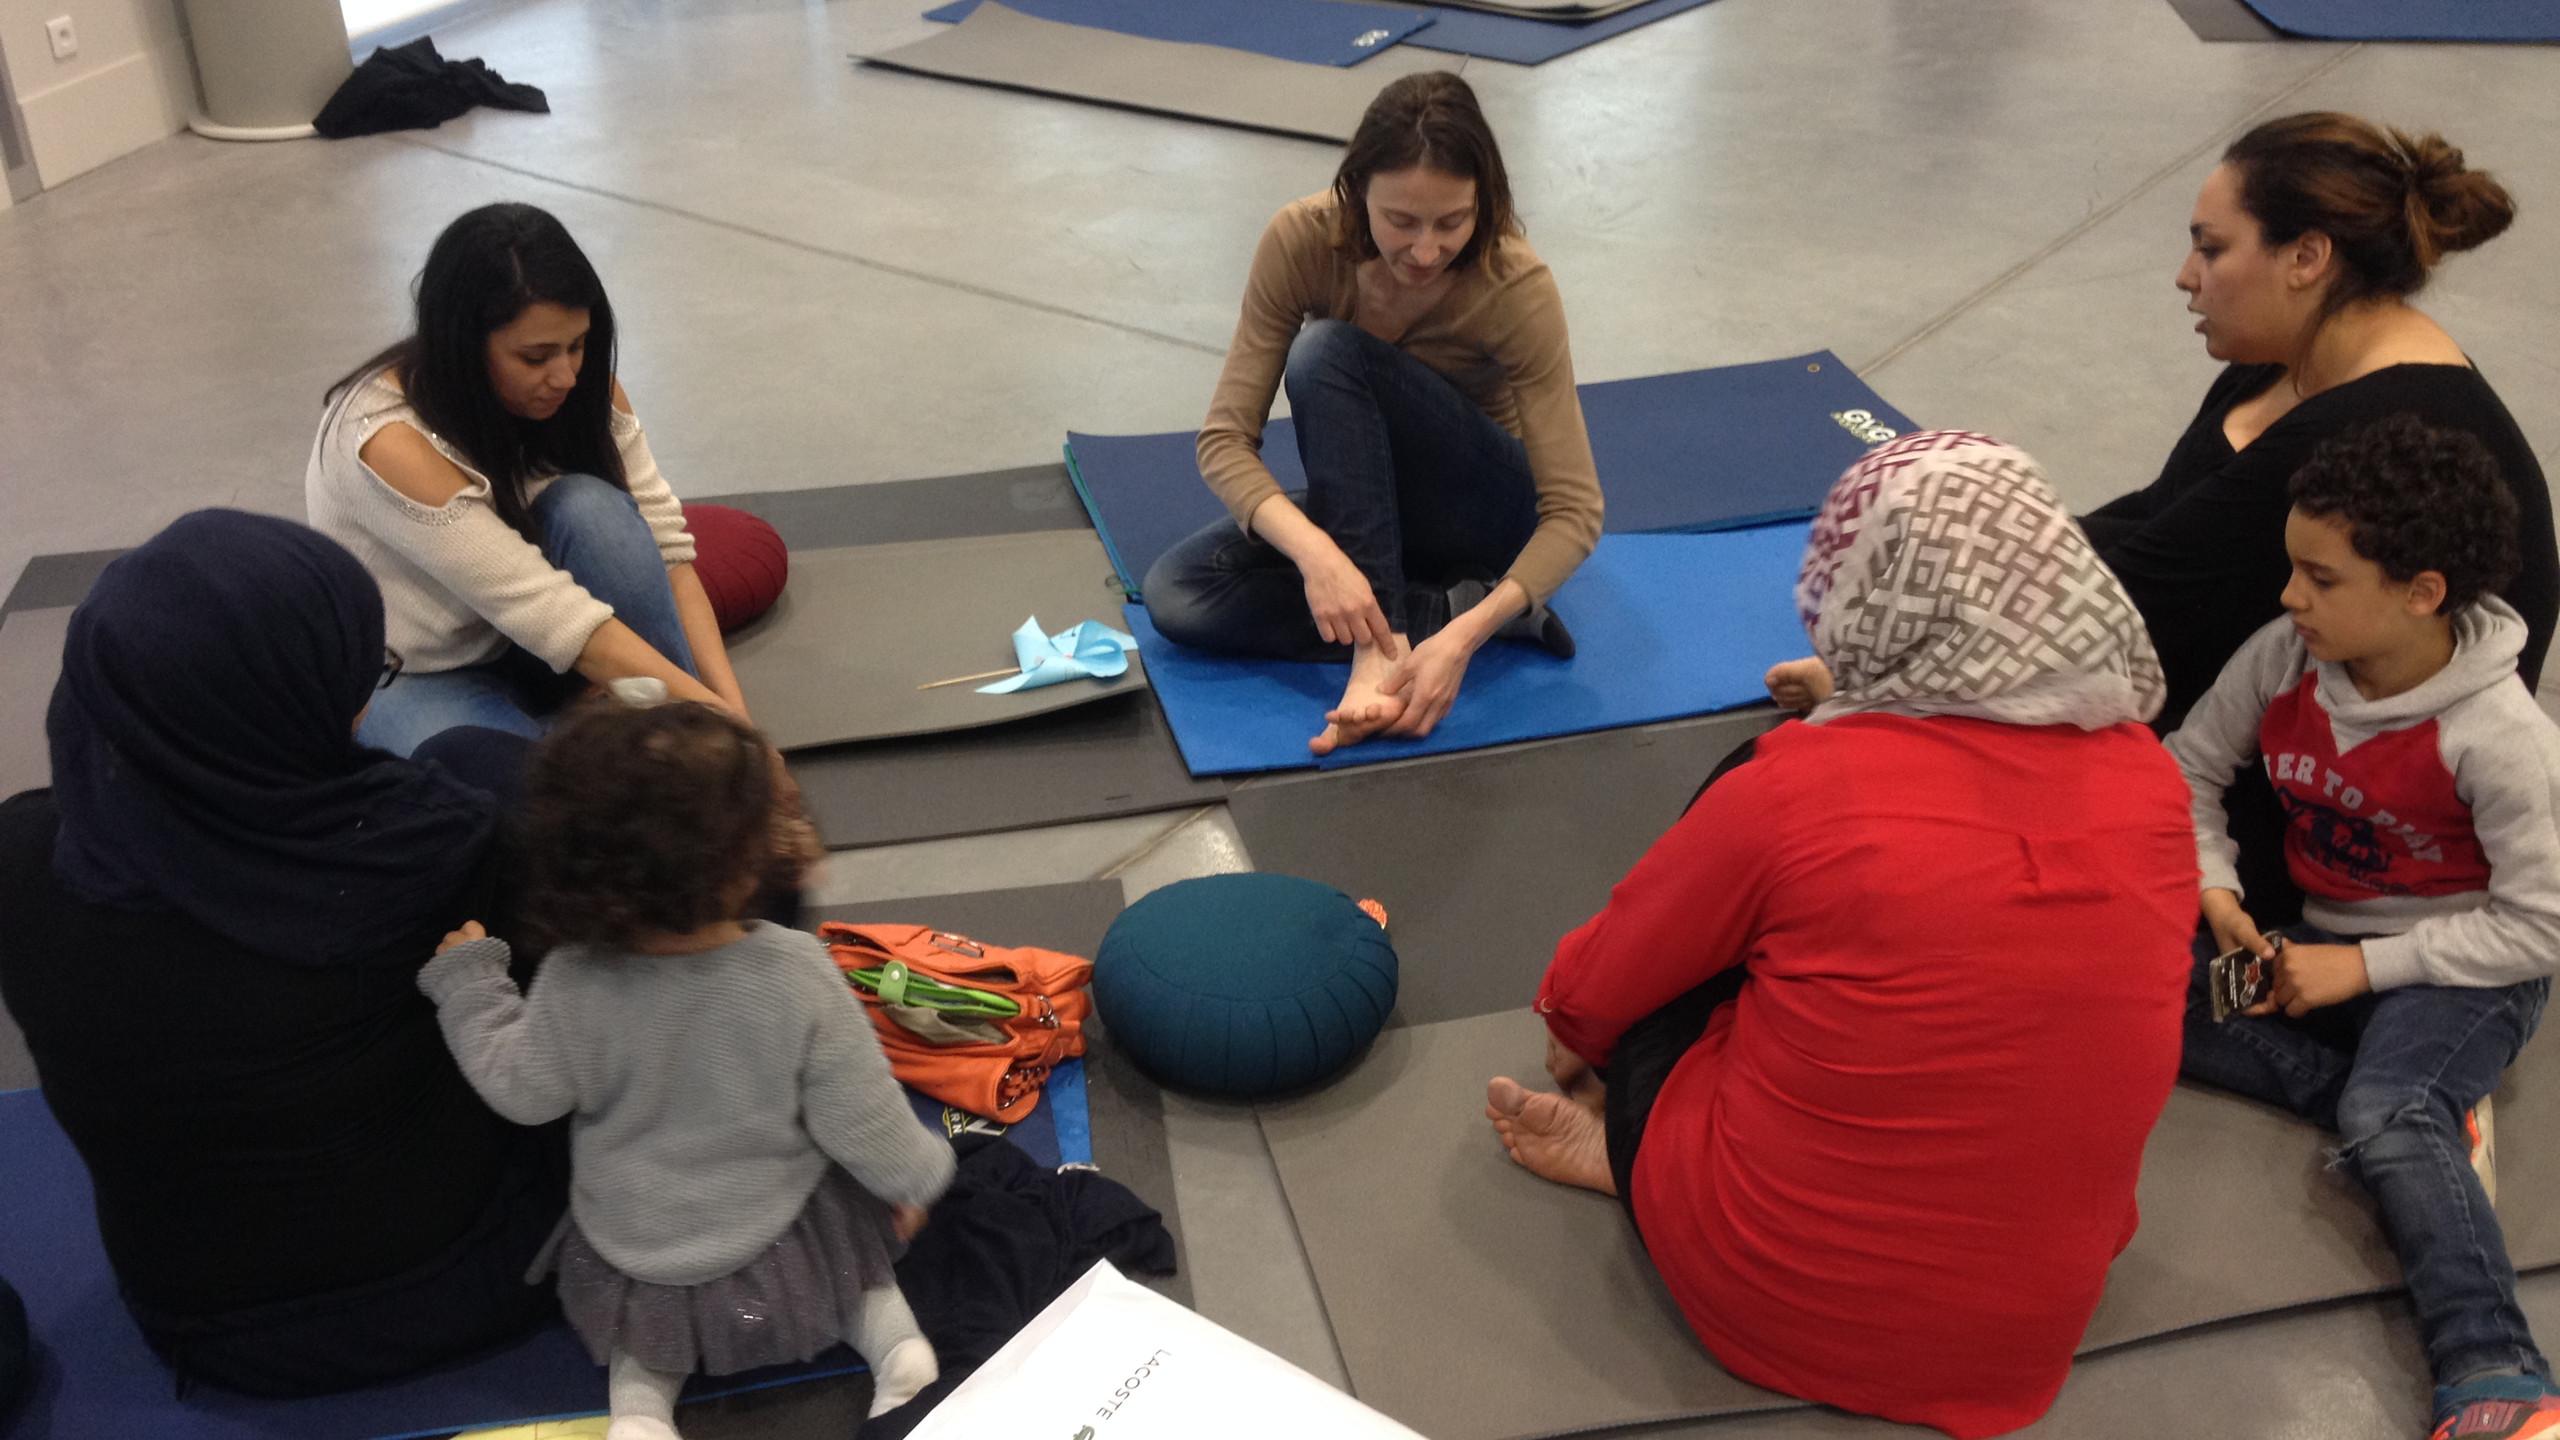 Le Pôle de Thérapeutes en action en train de montrer aux femmes et leurs enfants comment relâcher les tensions de la journée.